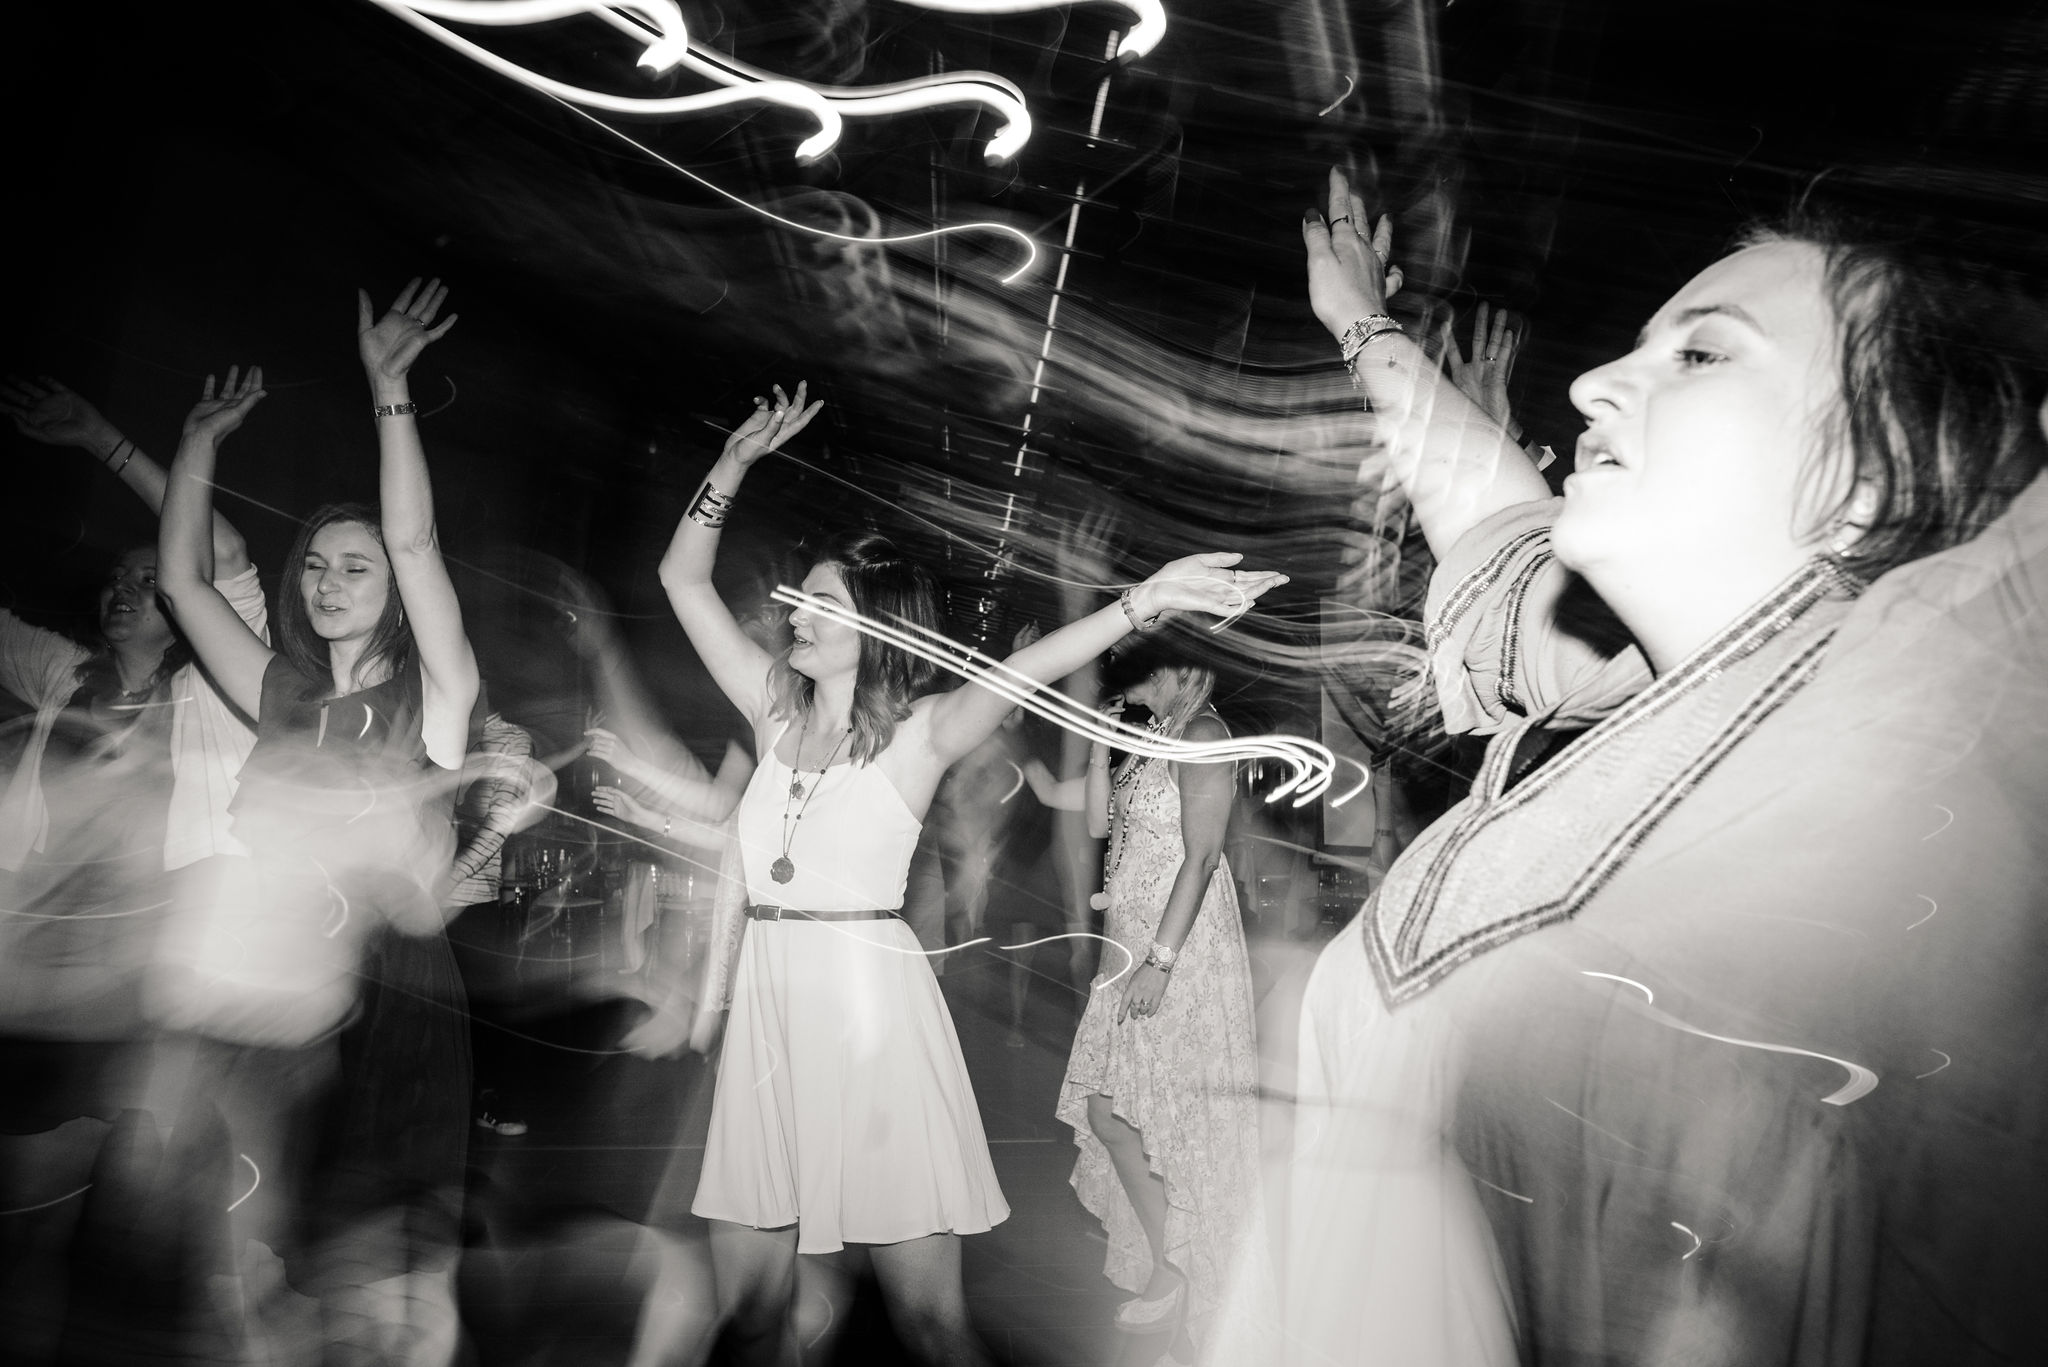 Léa-Fery-photographe-professionnel-lyon-rhone-alpes-portrait-creation-mariage-evenement-evenementiel-famille--287.jpg